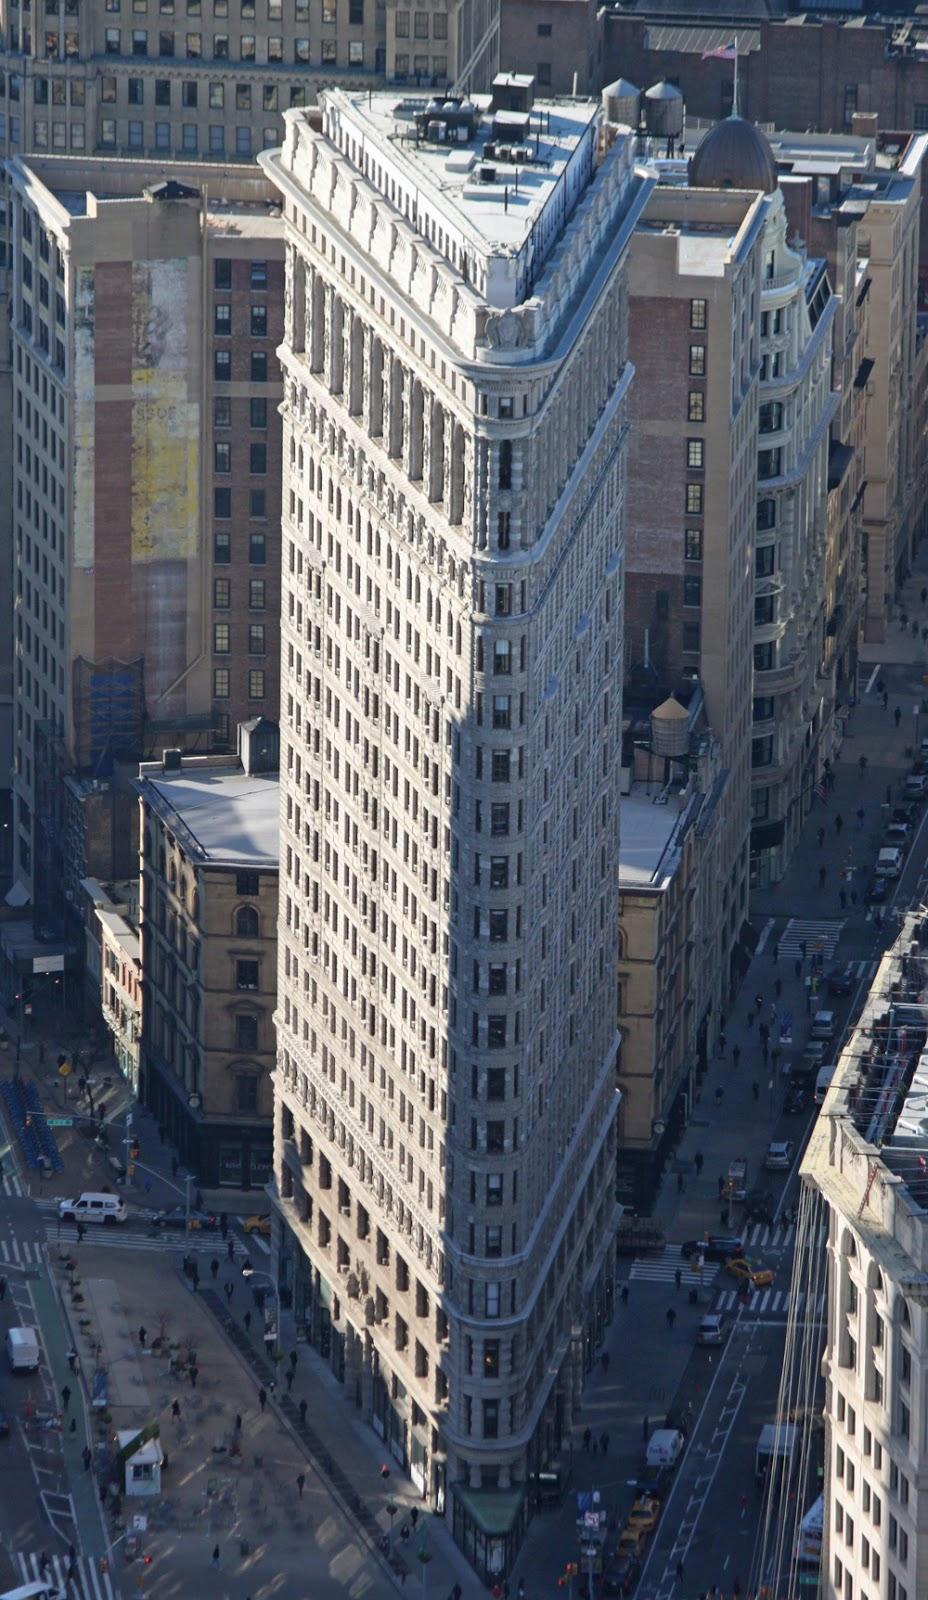 New Yorkin parhaat nähtävyydet 3